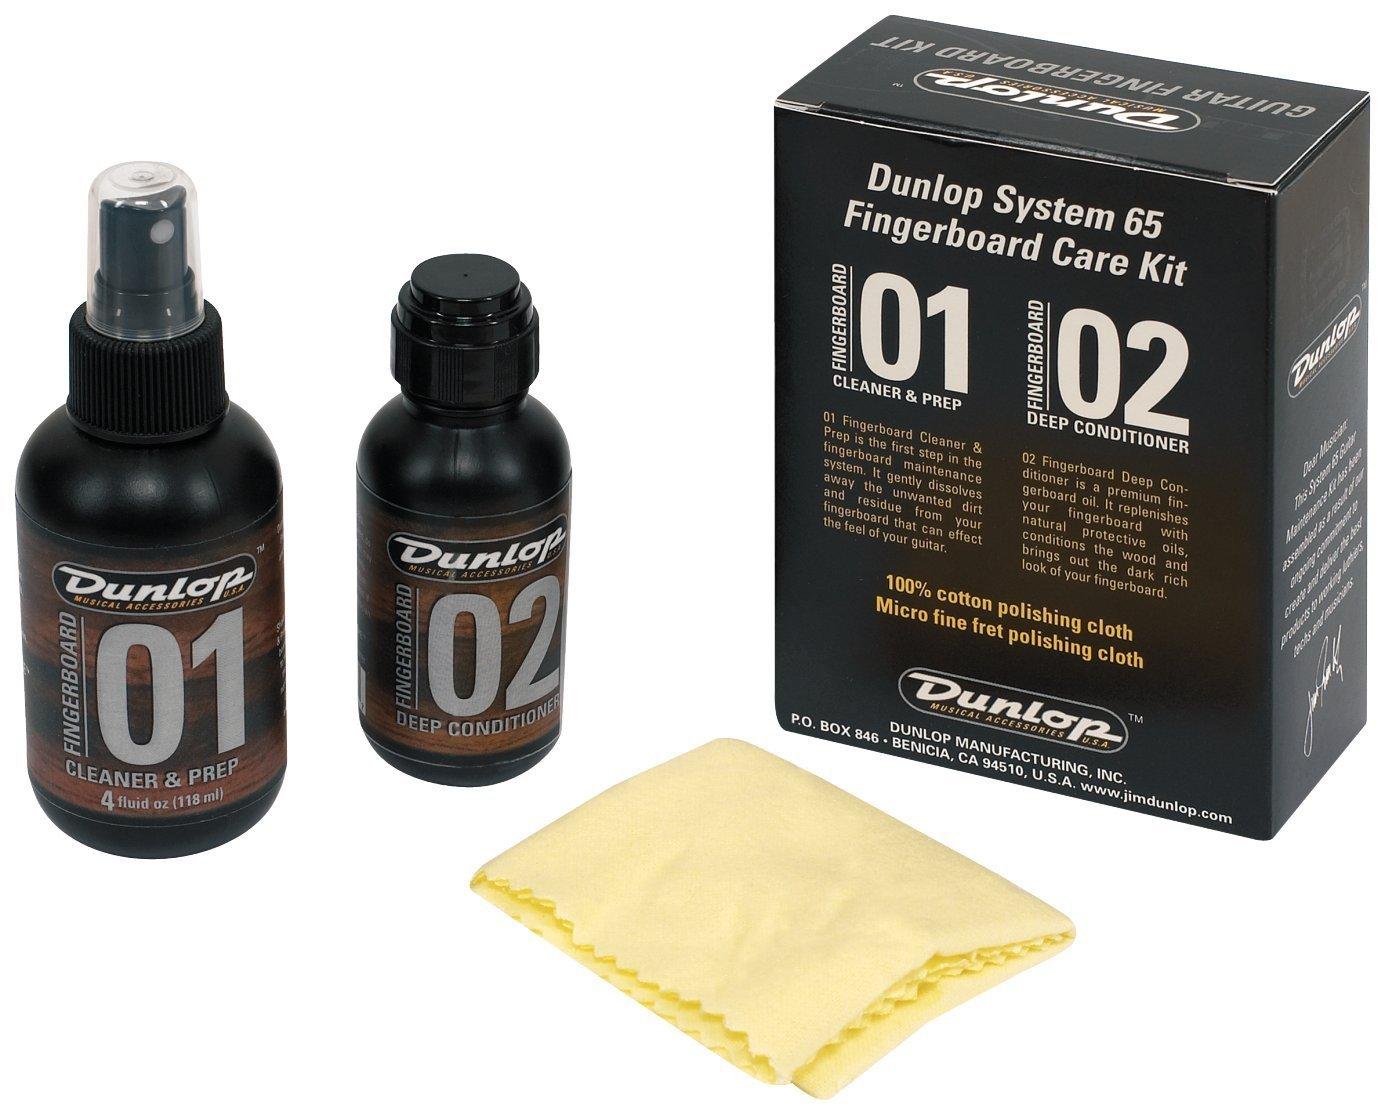 Dunlop System 65 Fingerboard Care Kit